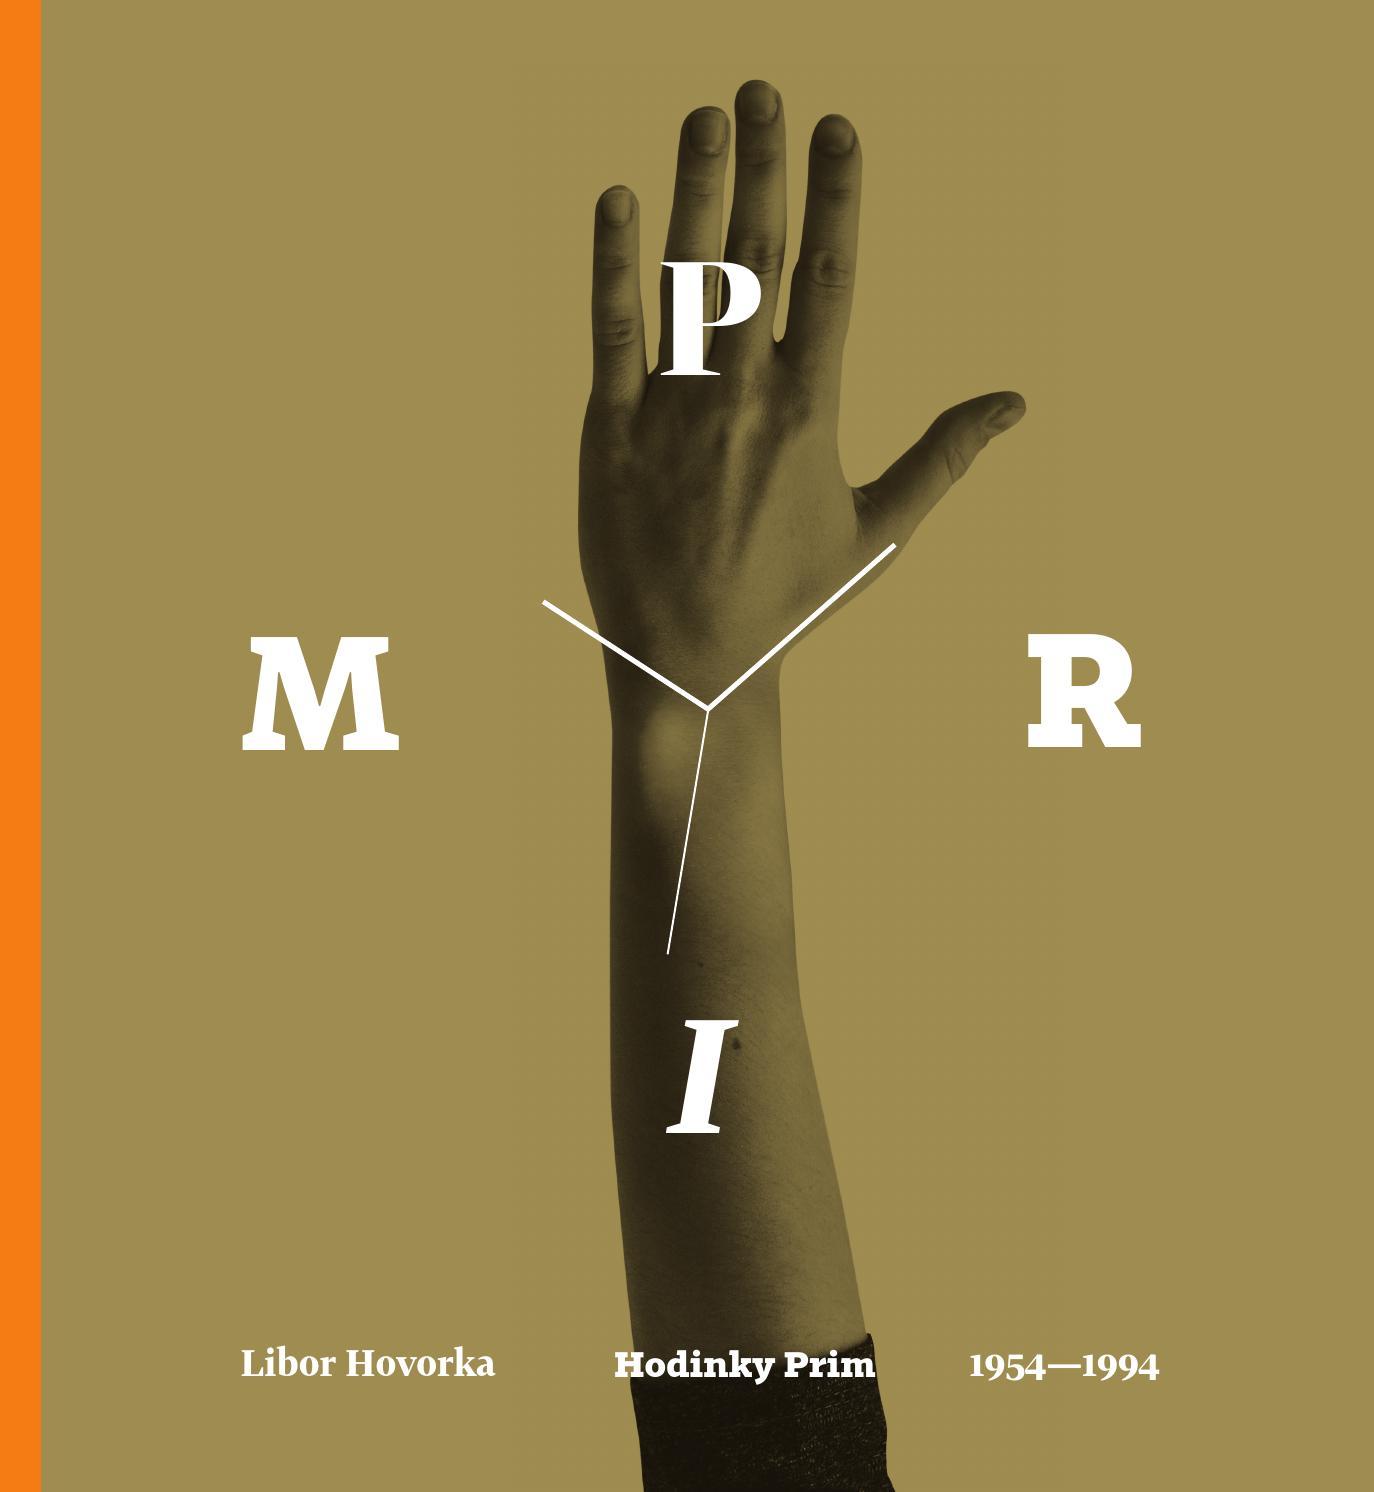 4d56336ee0b Libor Hovorka  Hodinky Prim 1954—1994 — ukázka by Host nakladatelství -  issuu